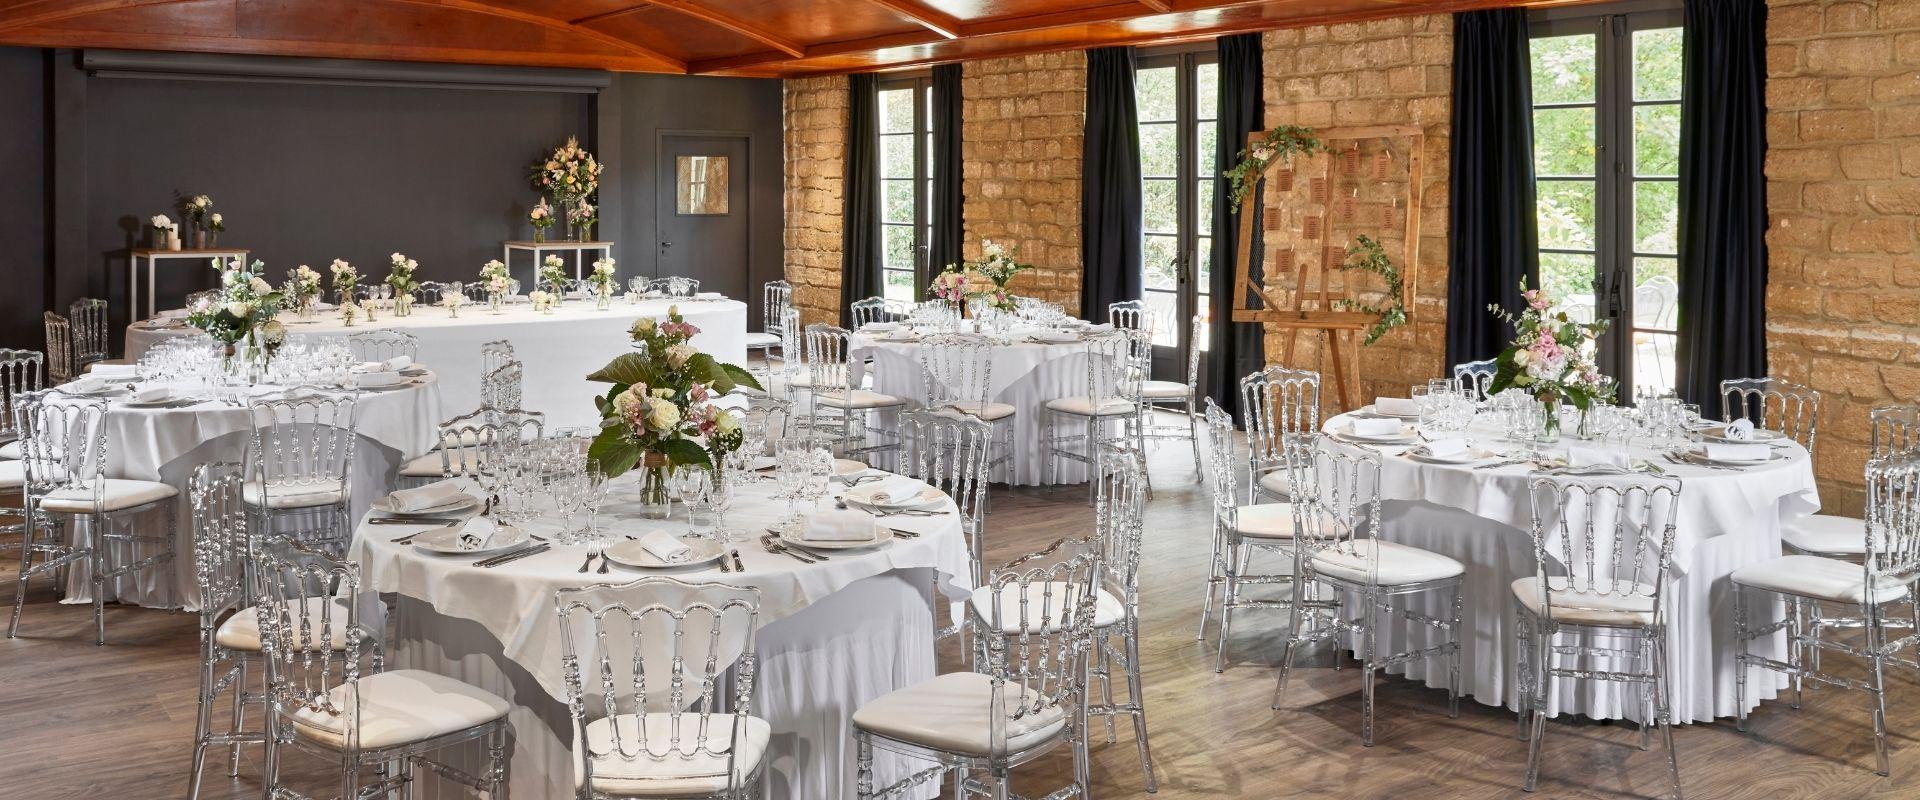 Garden Wedding Dining room